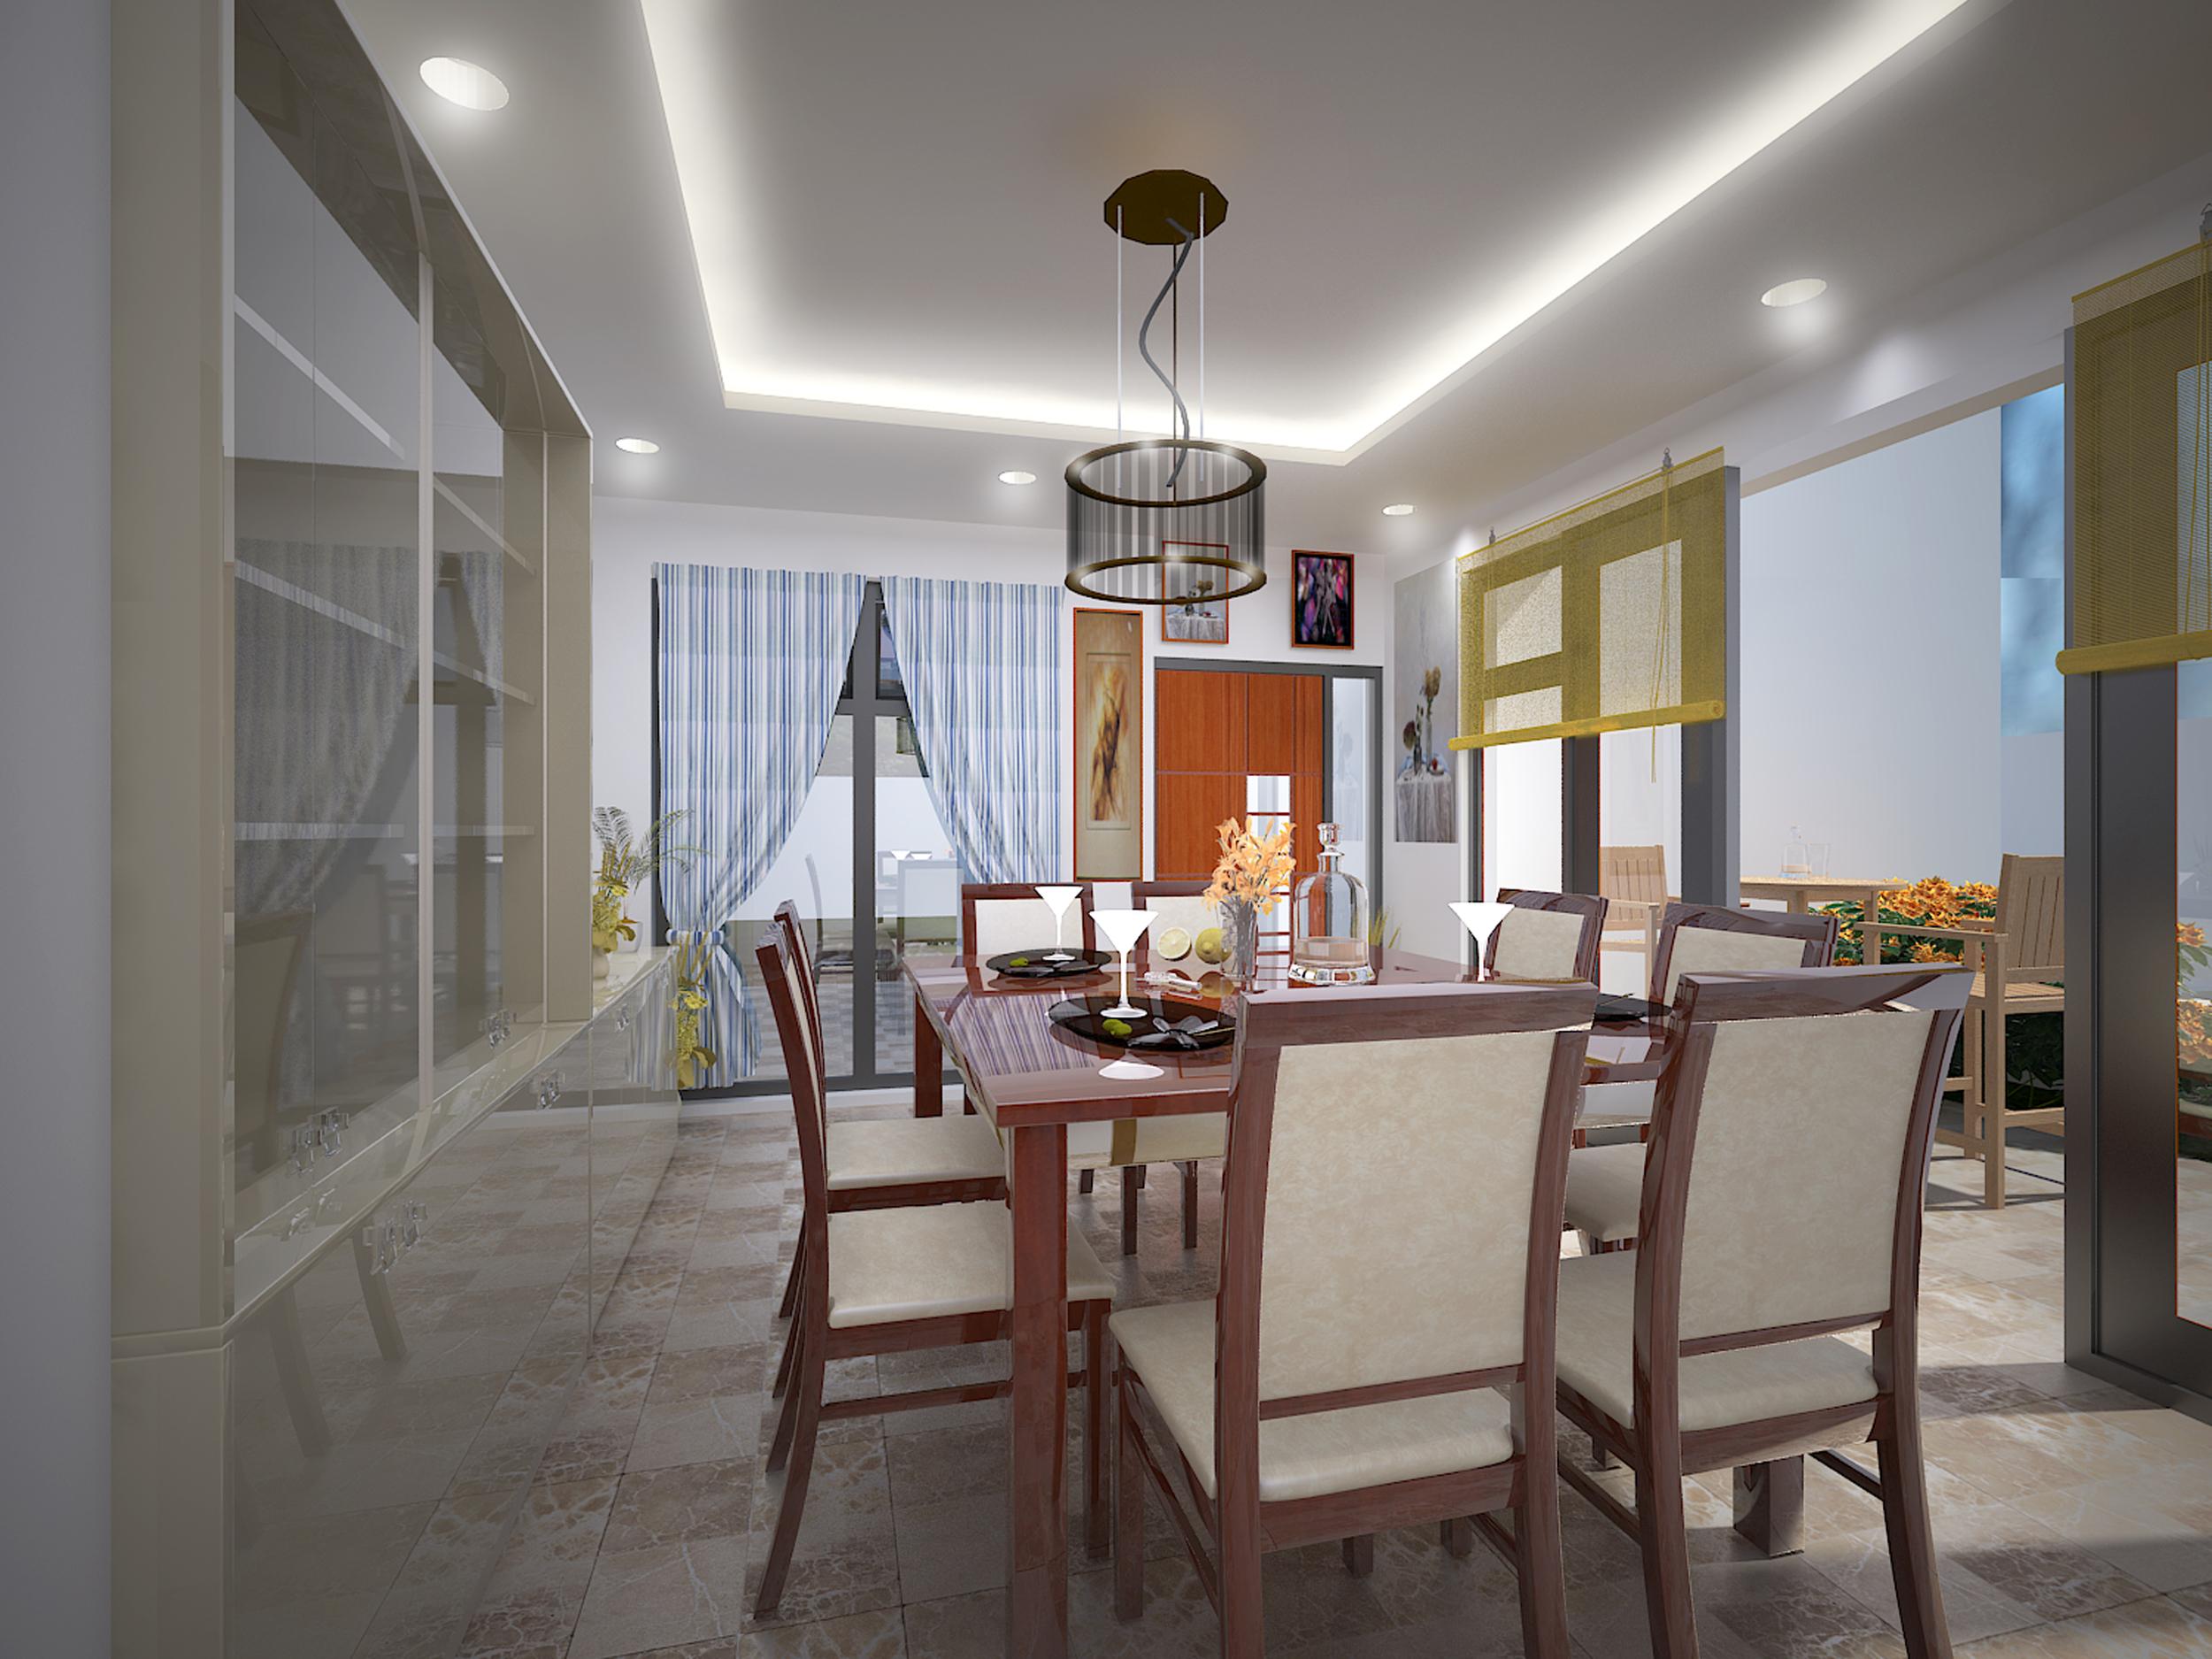 Interior 1 (Dining).jpg